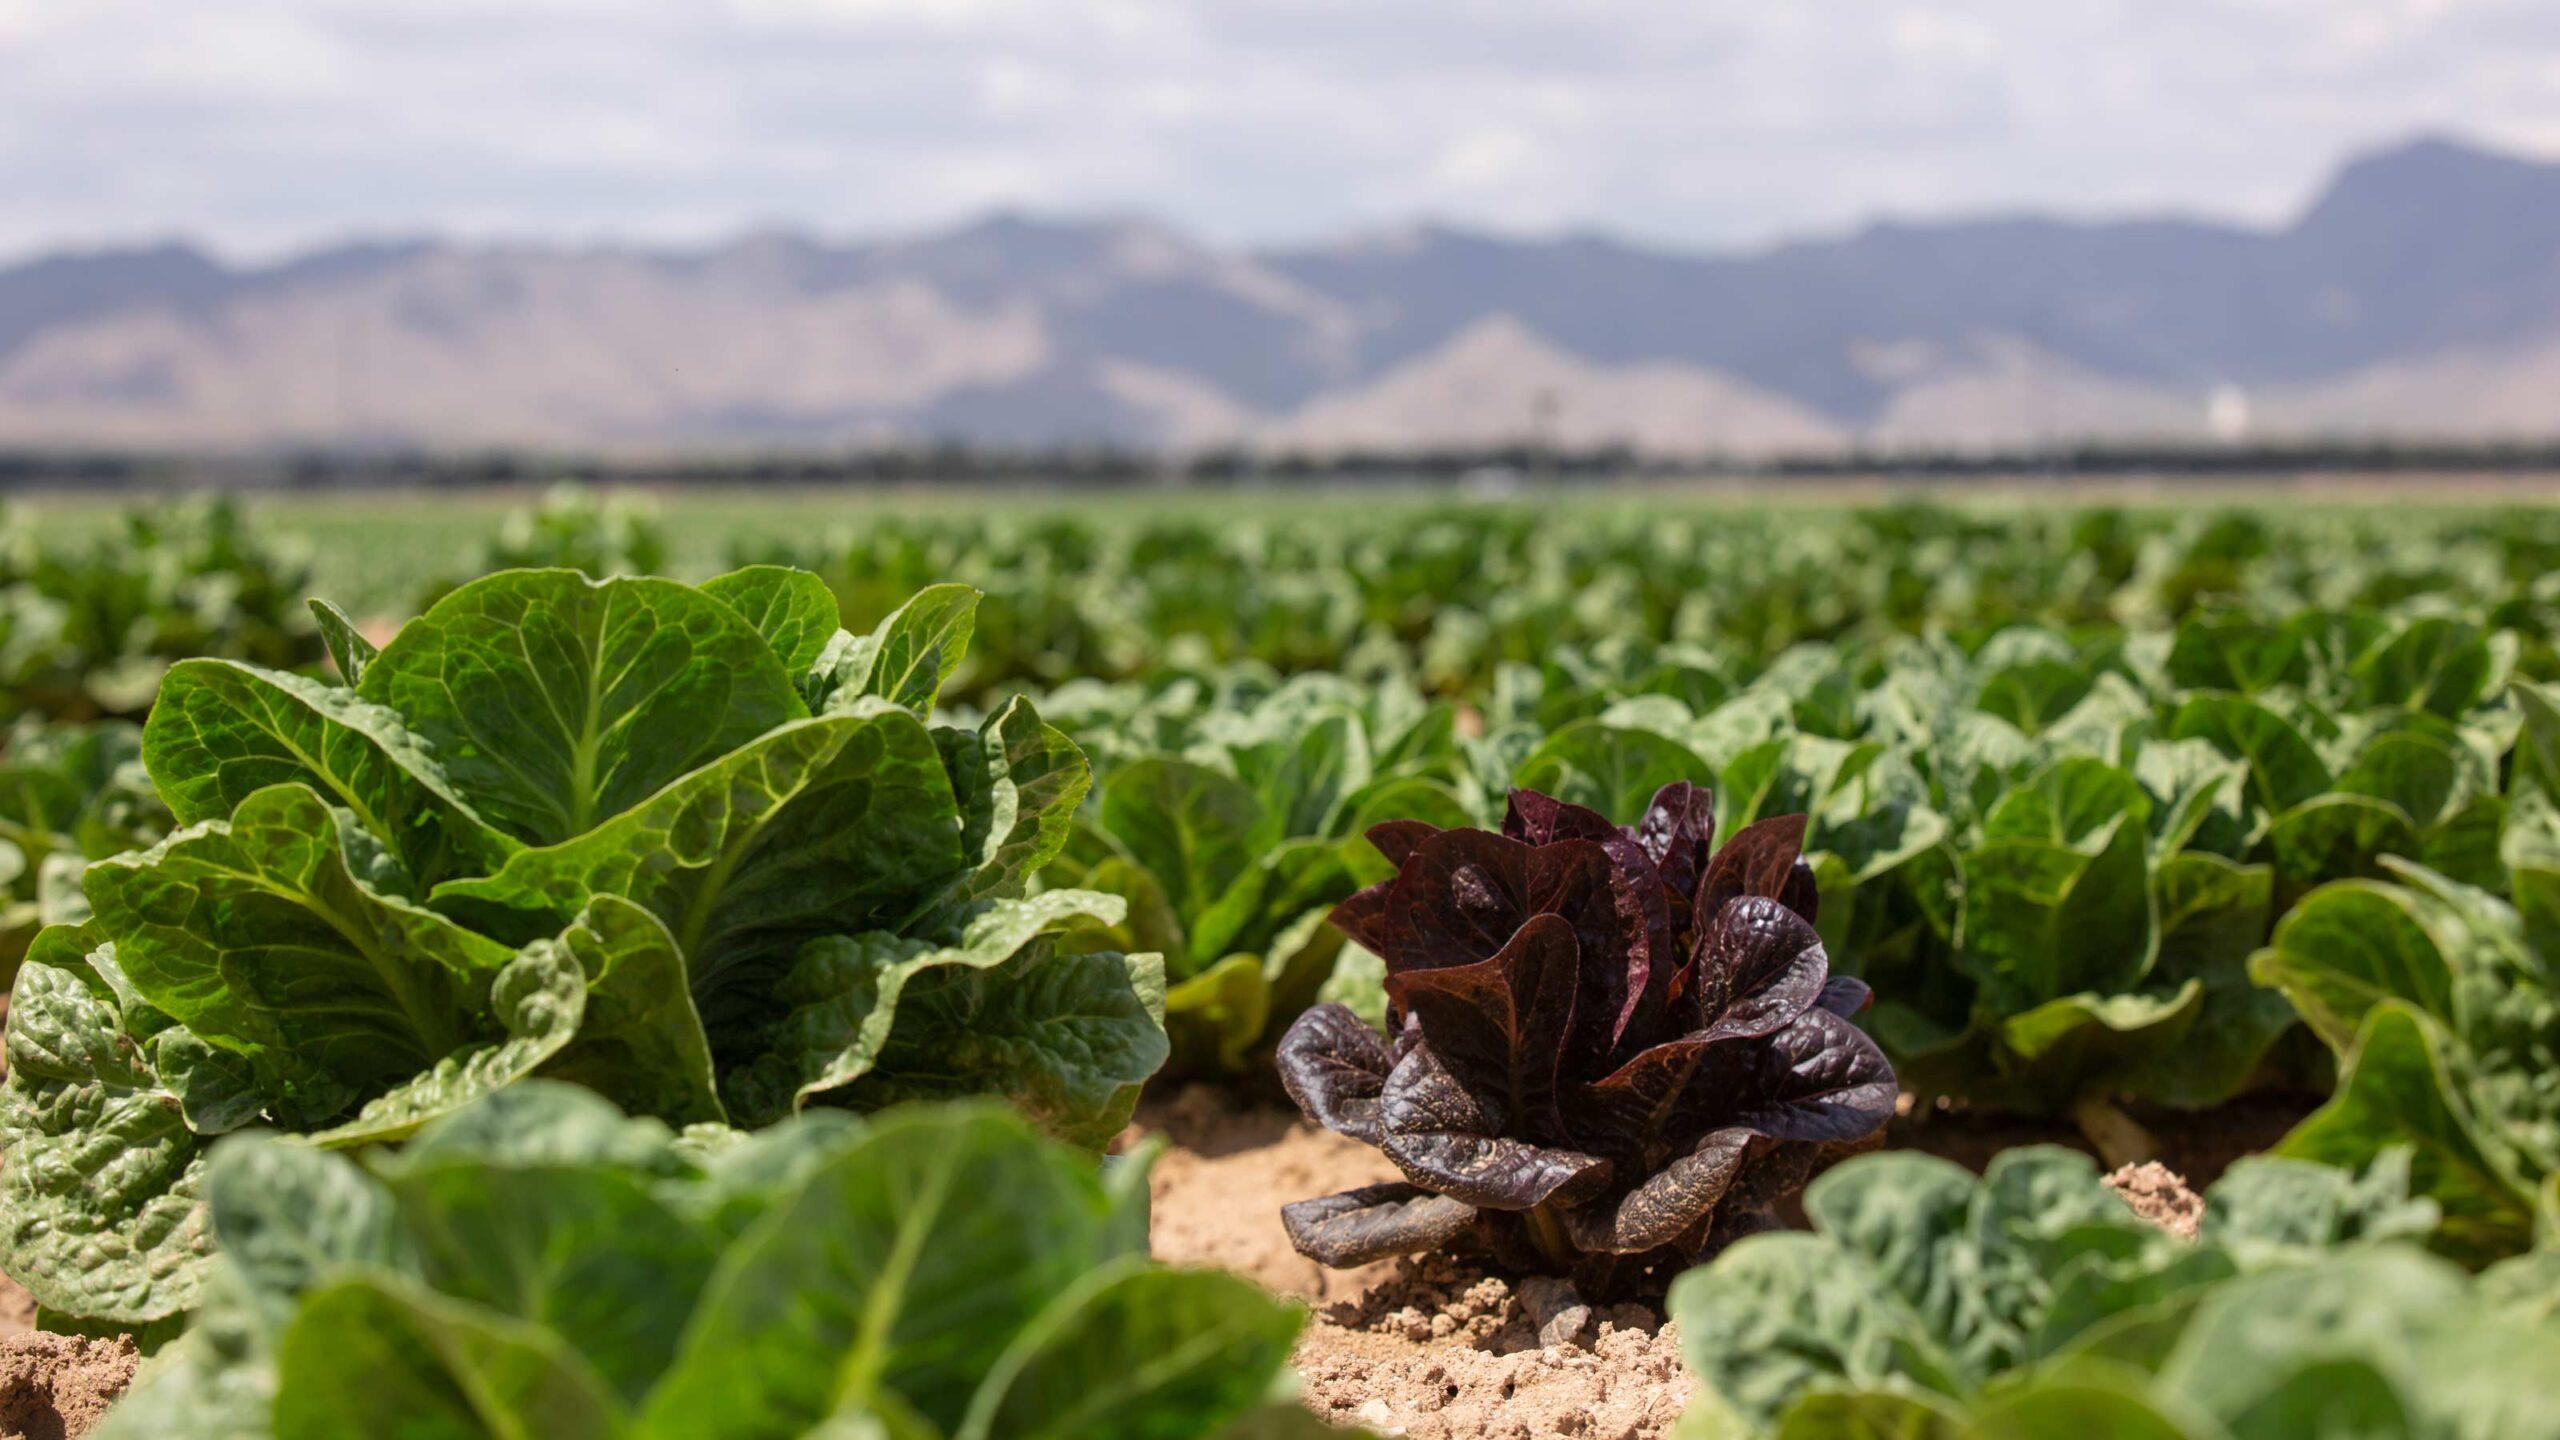 a field of lettuce growing in Arizona